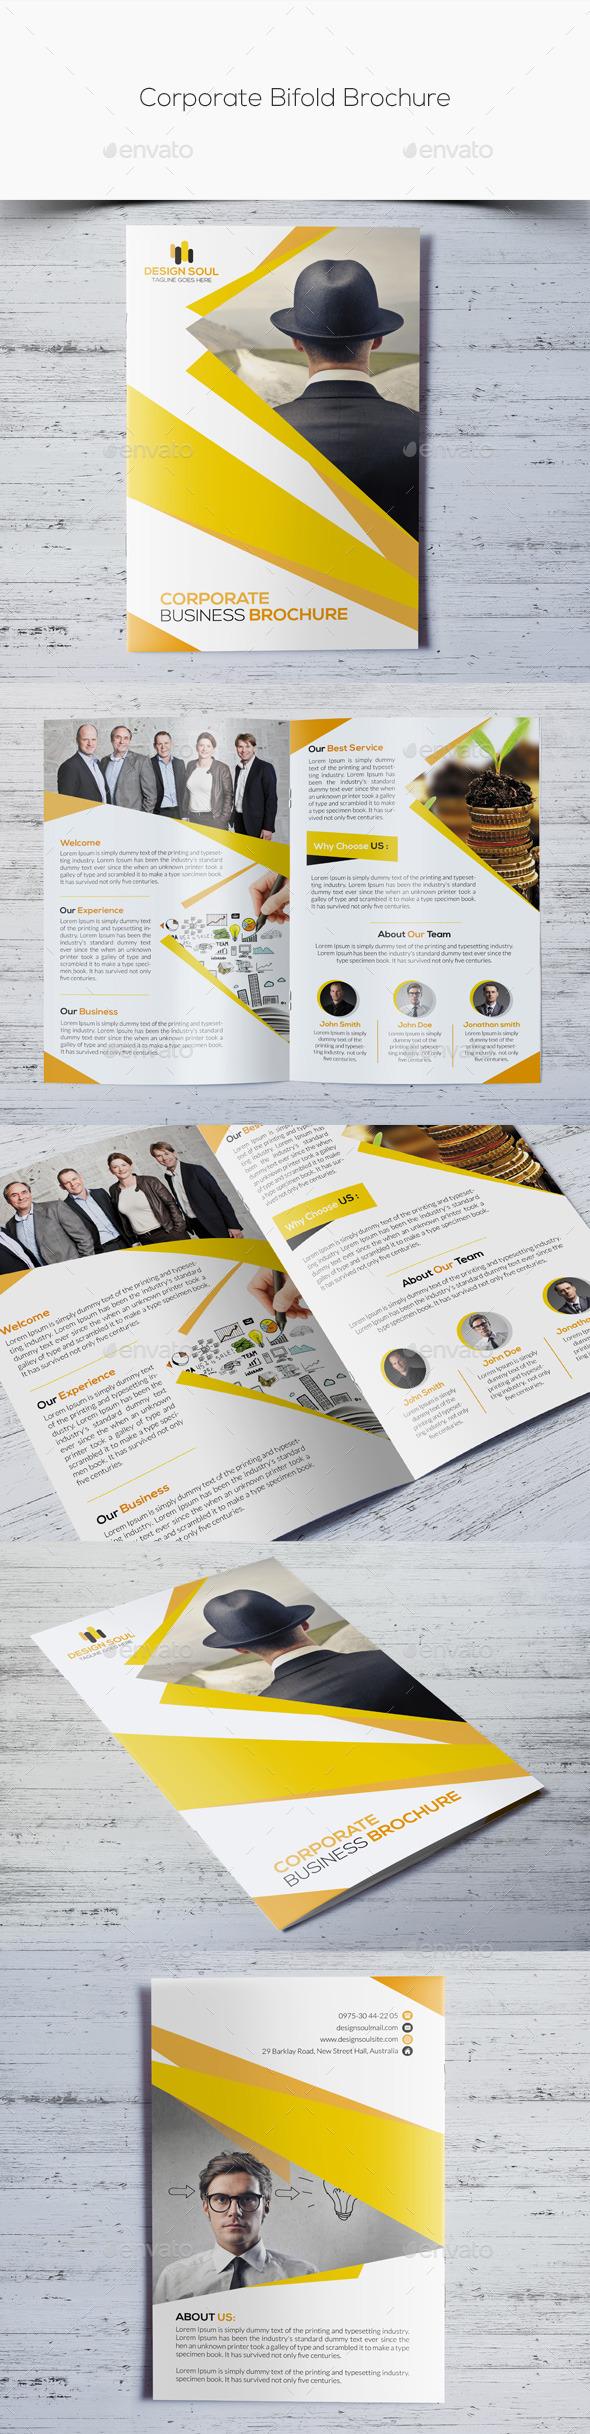 GraphicRiver Corporate Bifold Brochure 10853537